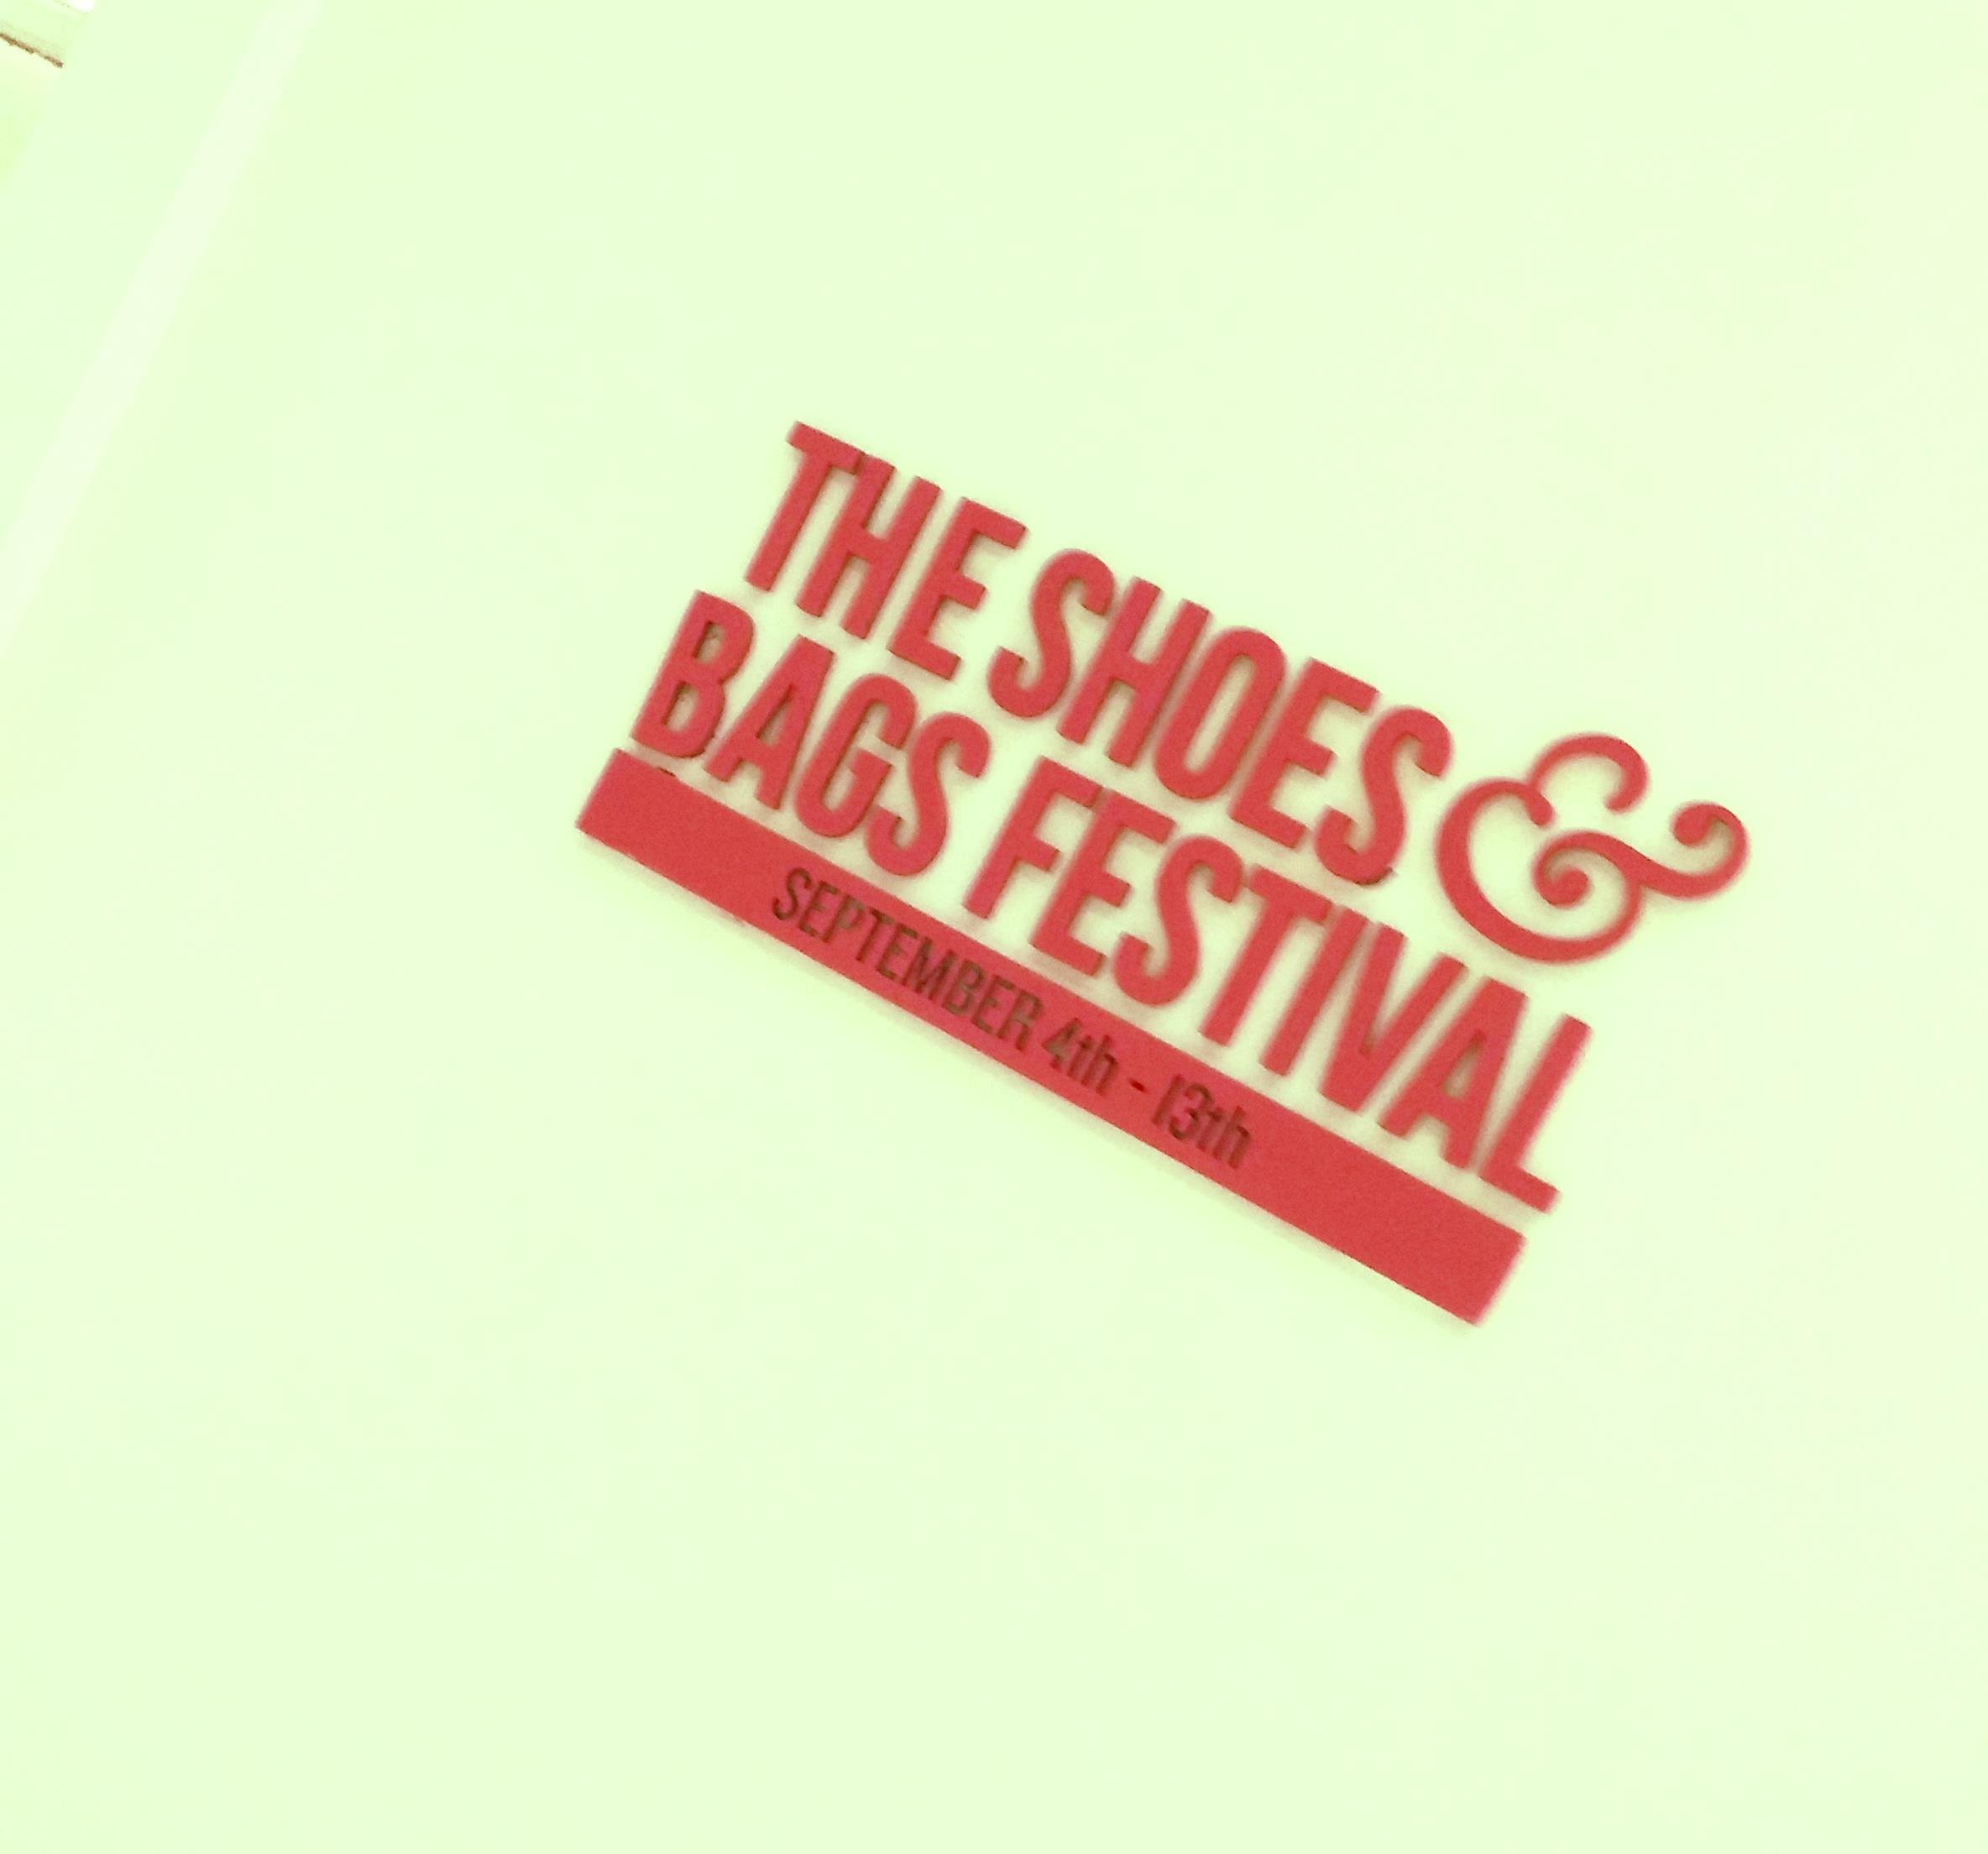 Shoes & Bags Fest LF